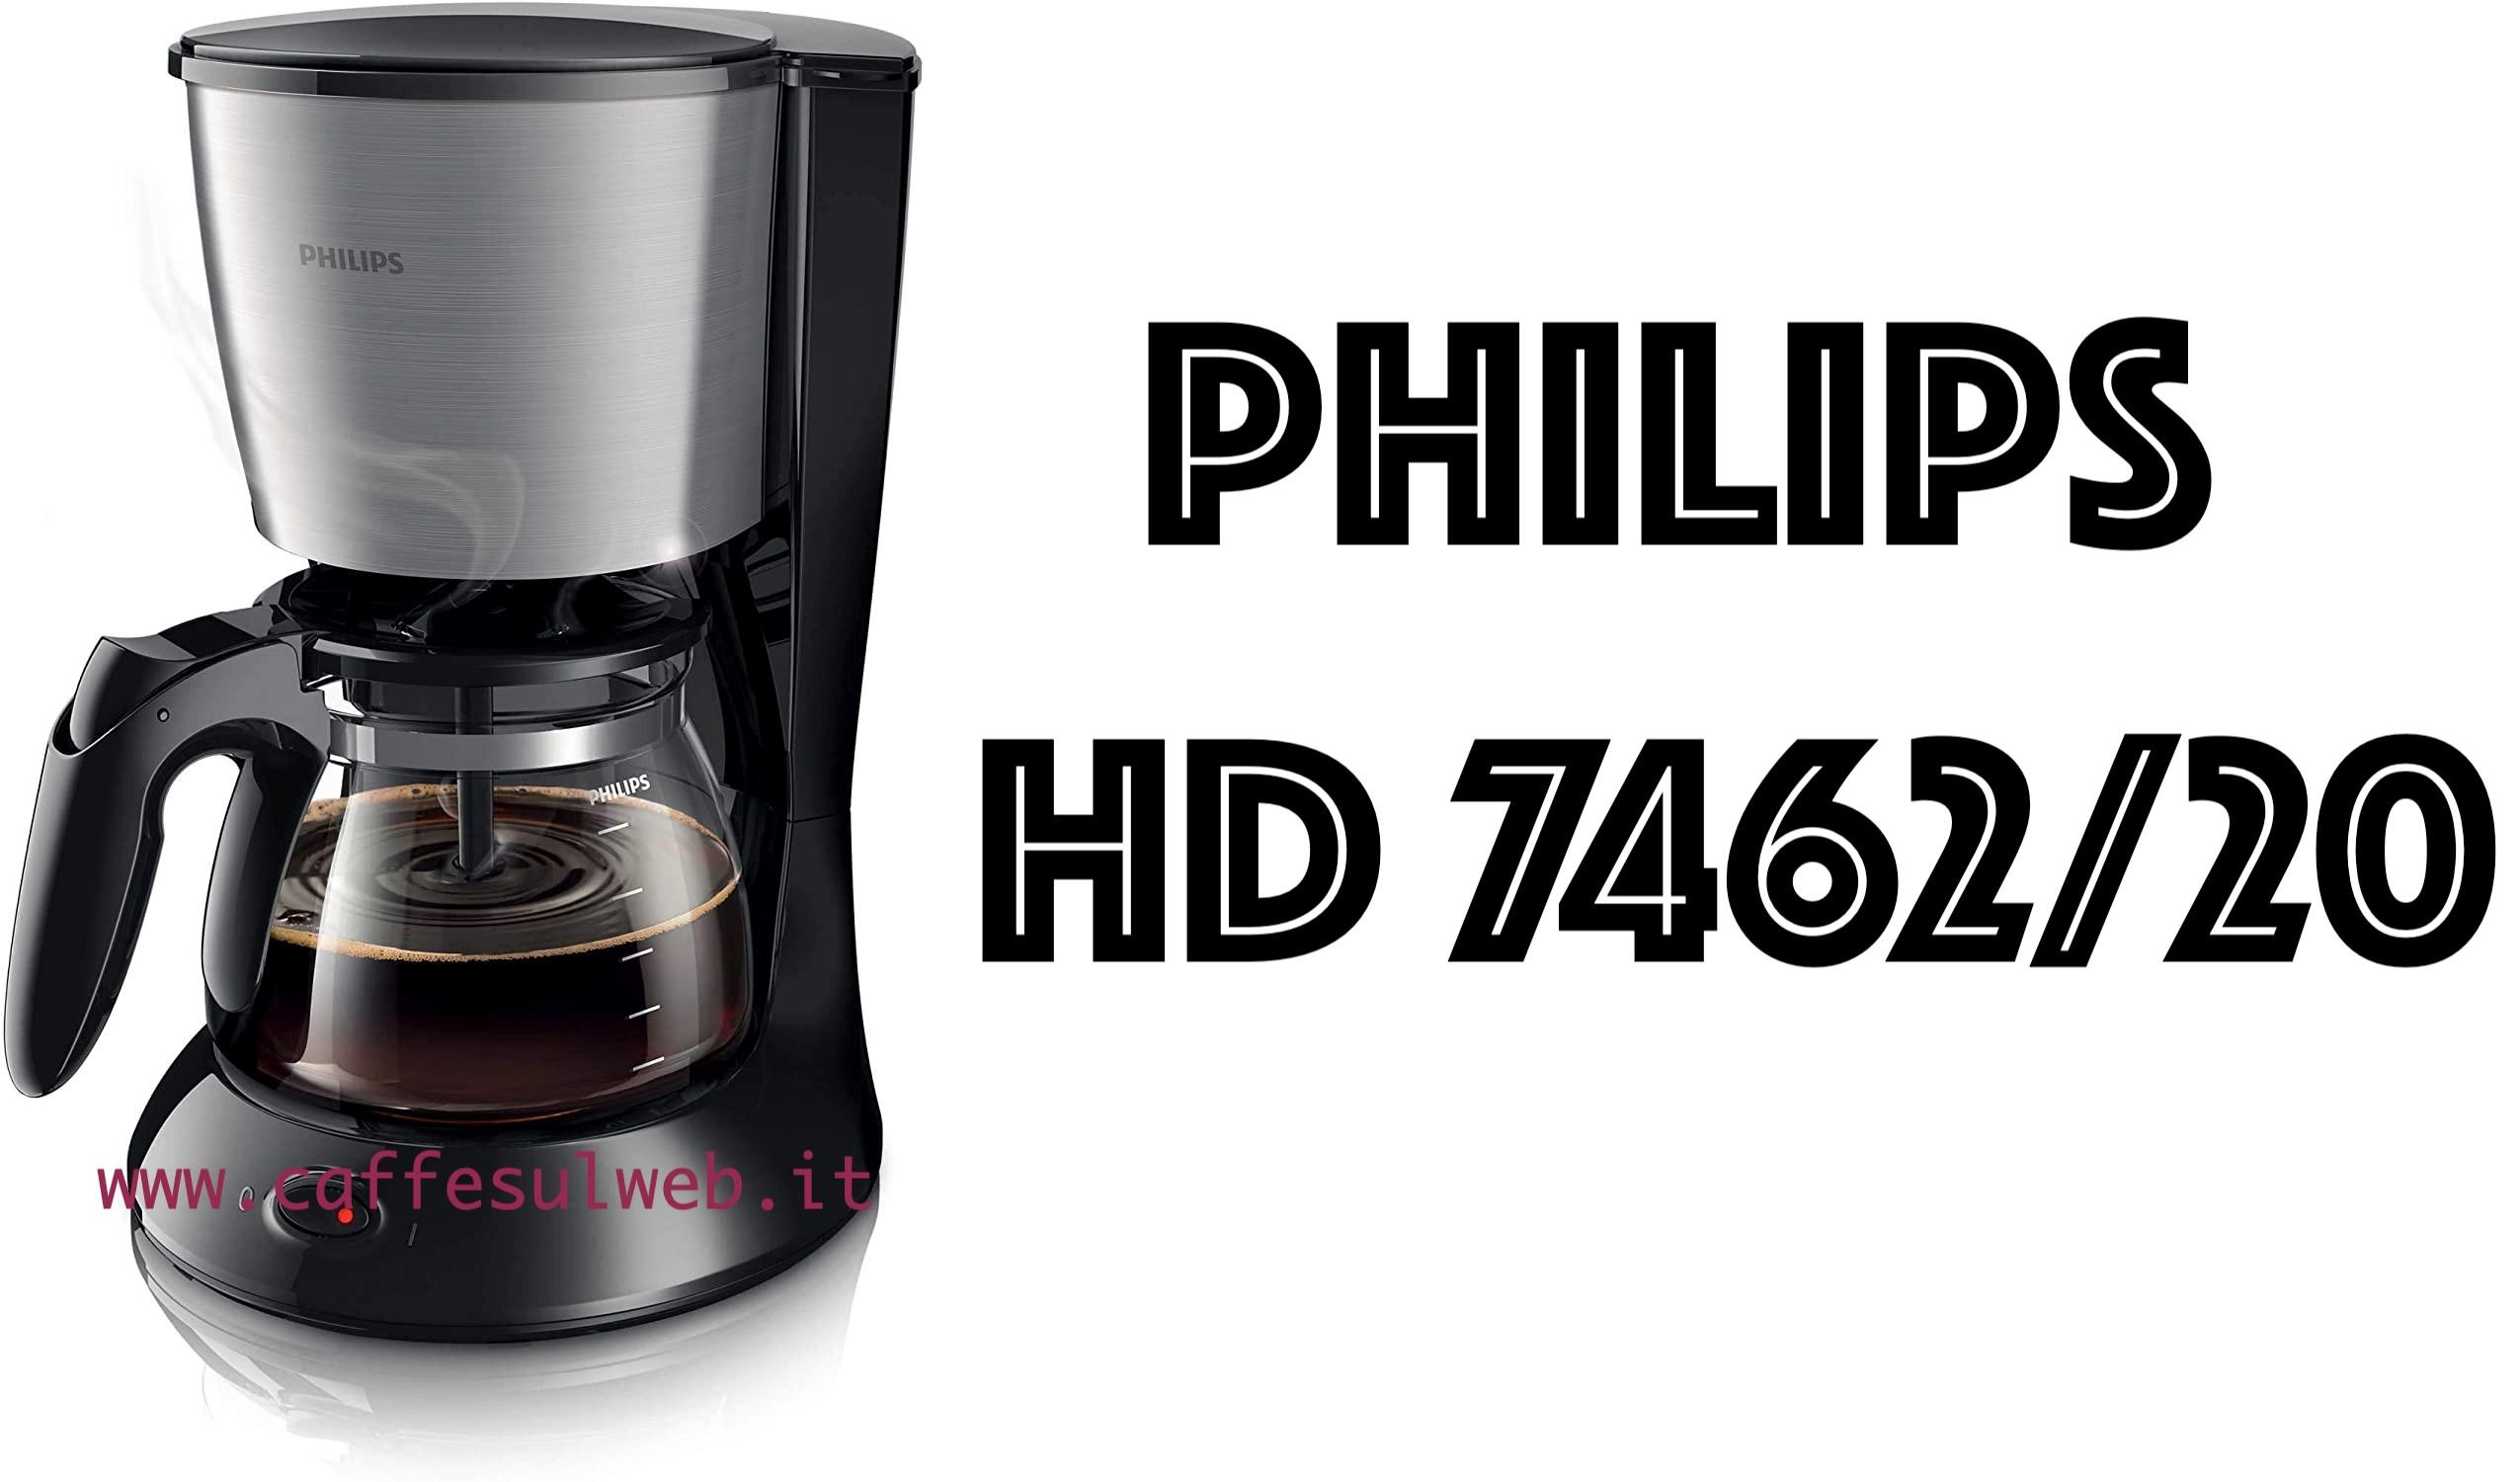 Philips HD 7462 20 Recensioni Opinione Prezzo